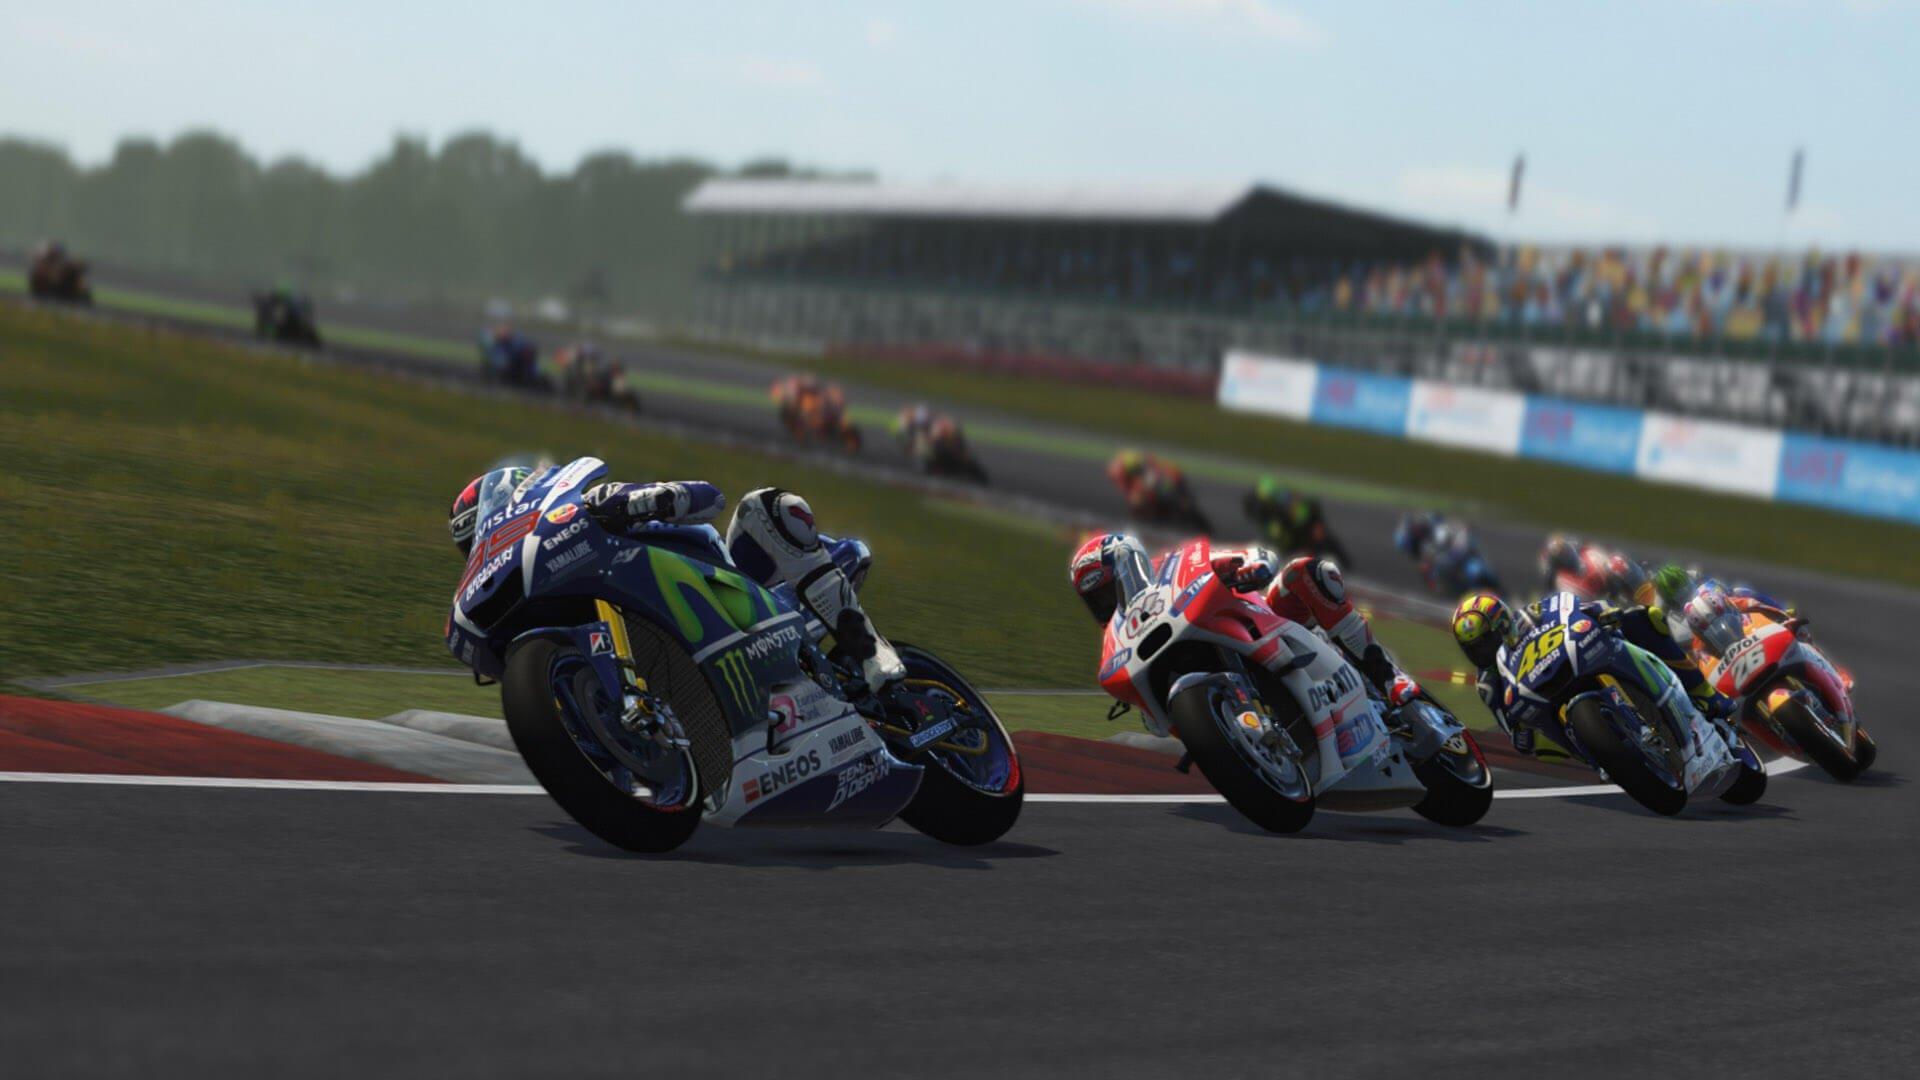 MotoGP 15 Gets New Screenshots